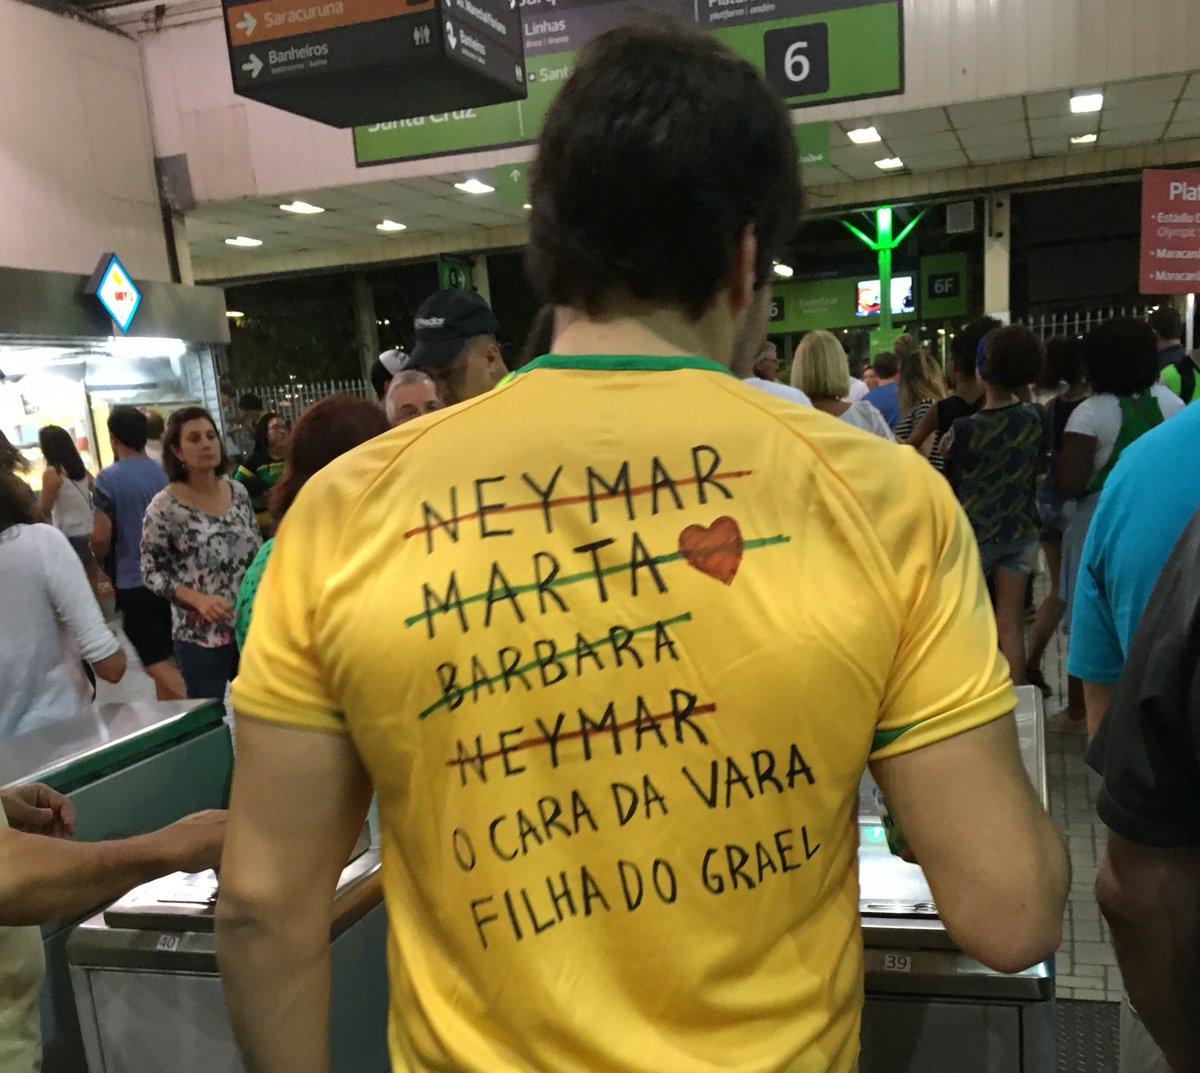 Enquanto isso, na Central do Brasil: https://t.co/Z5abvDXFTM